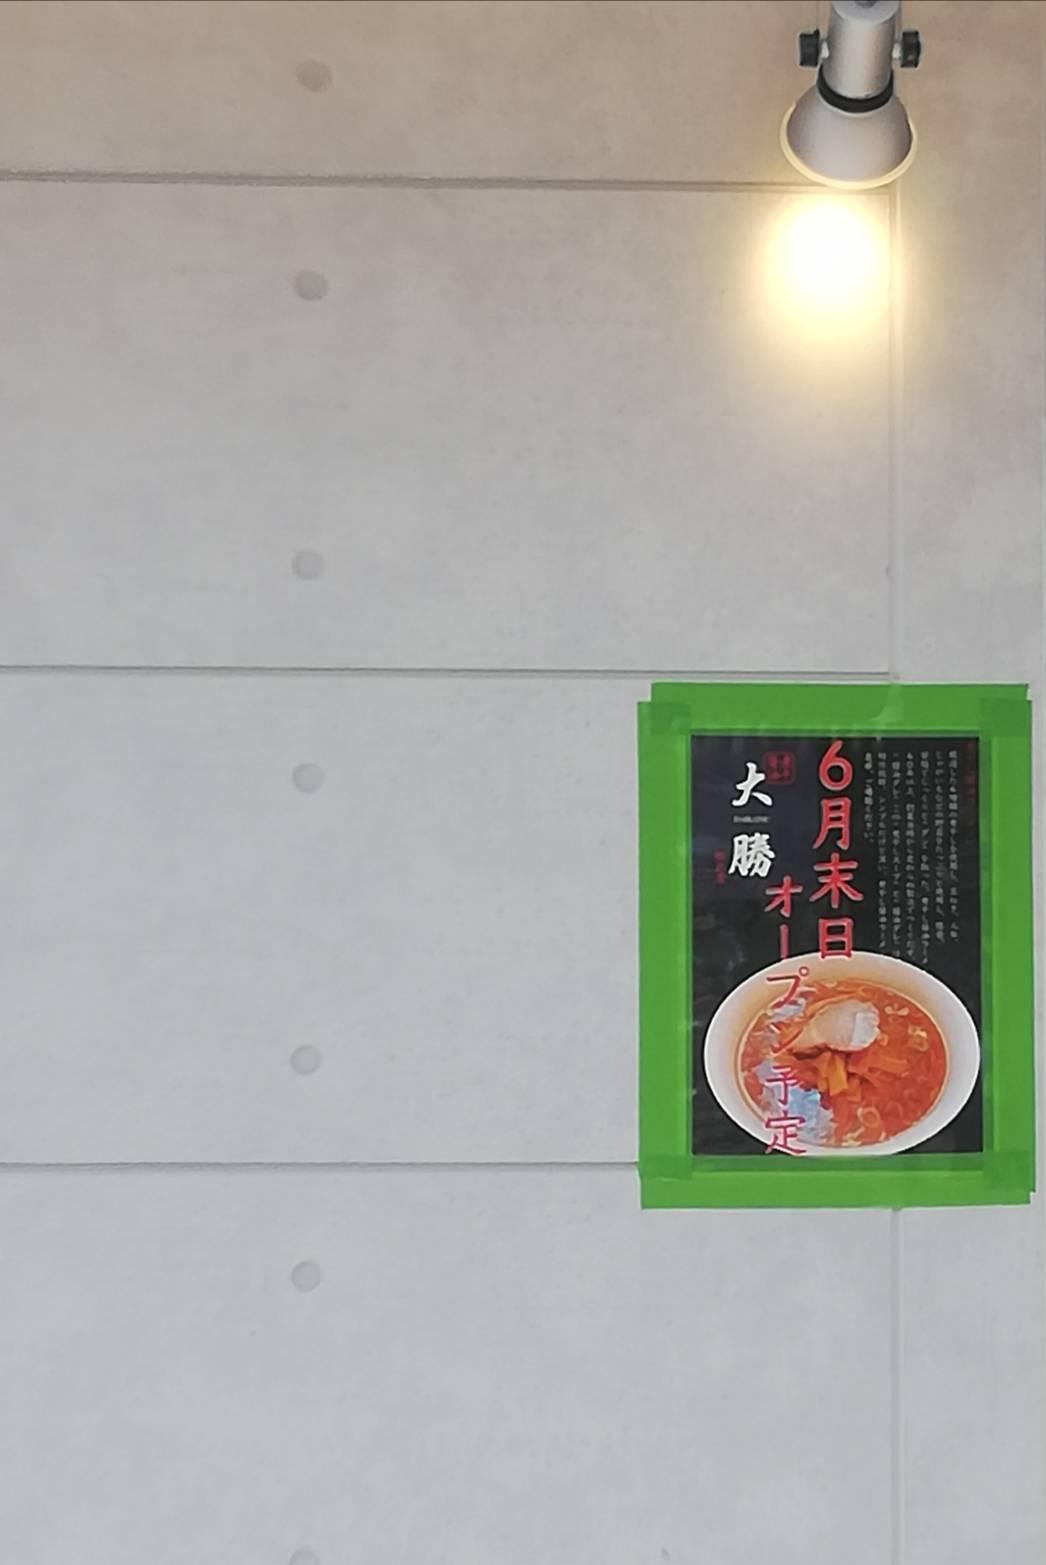 大勝松戸店ラーメンオープン